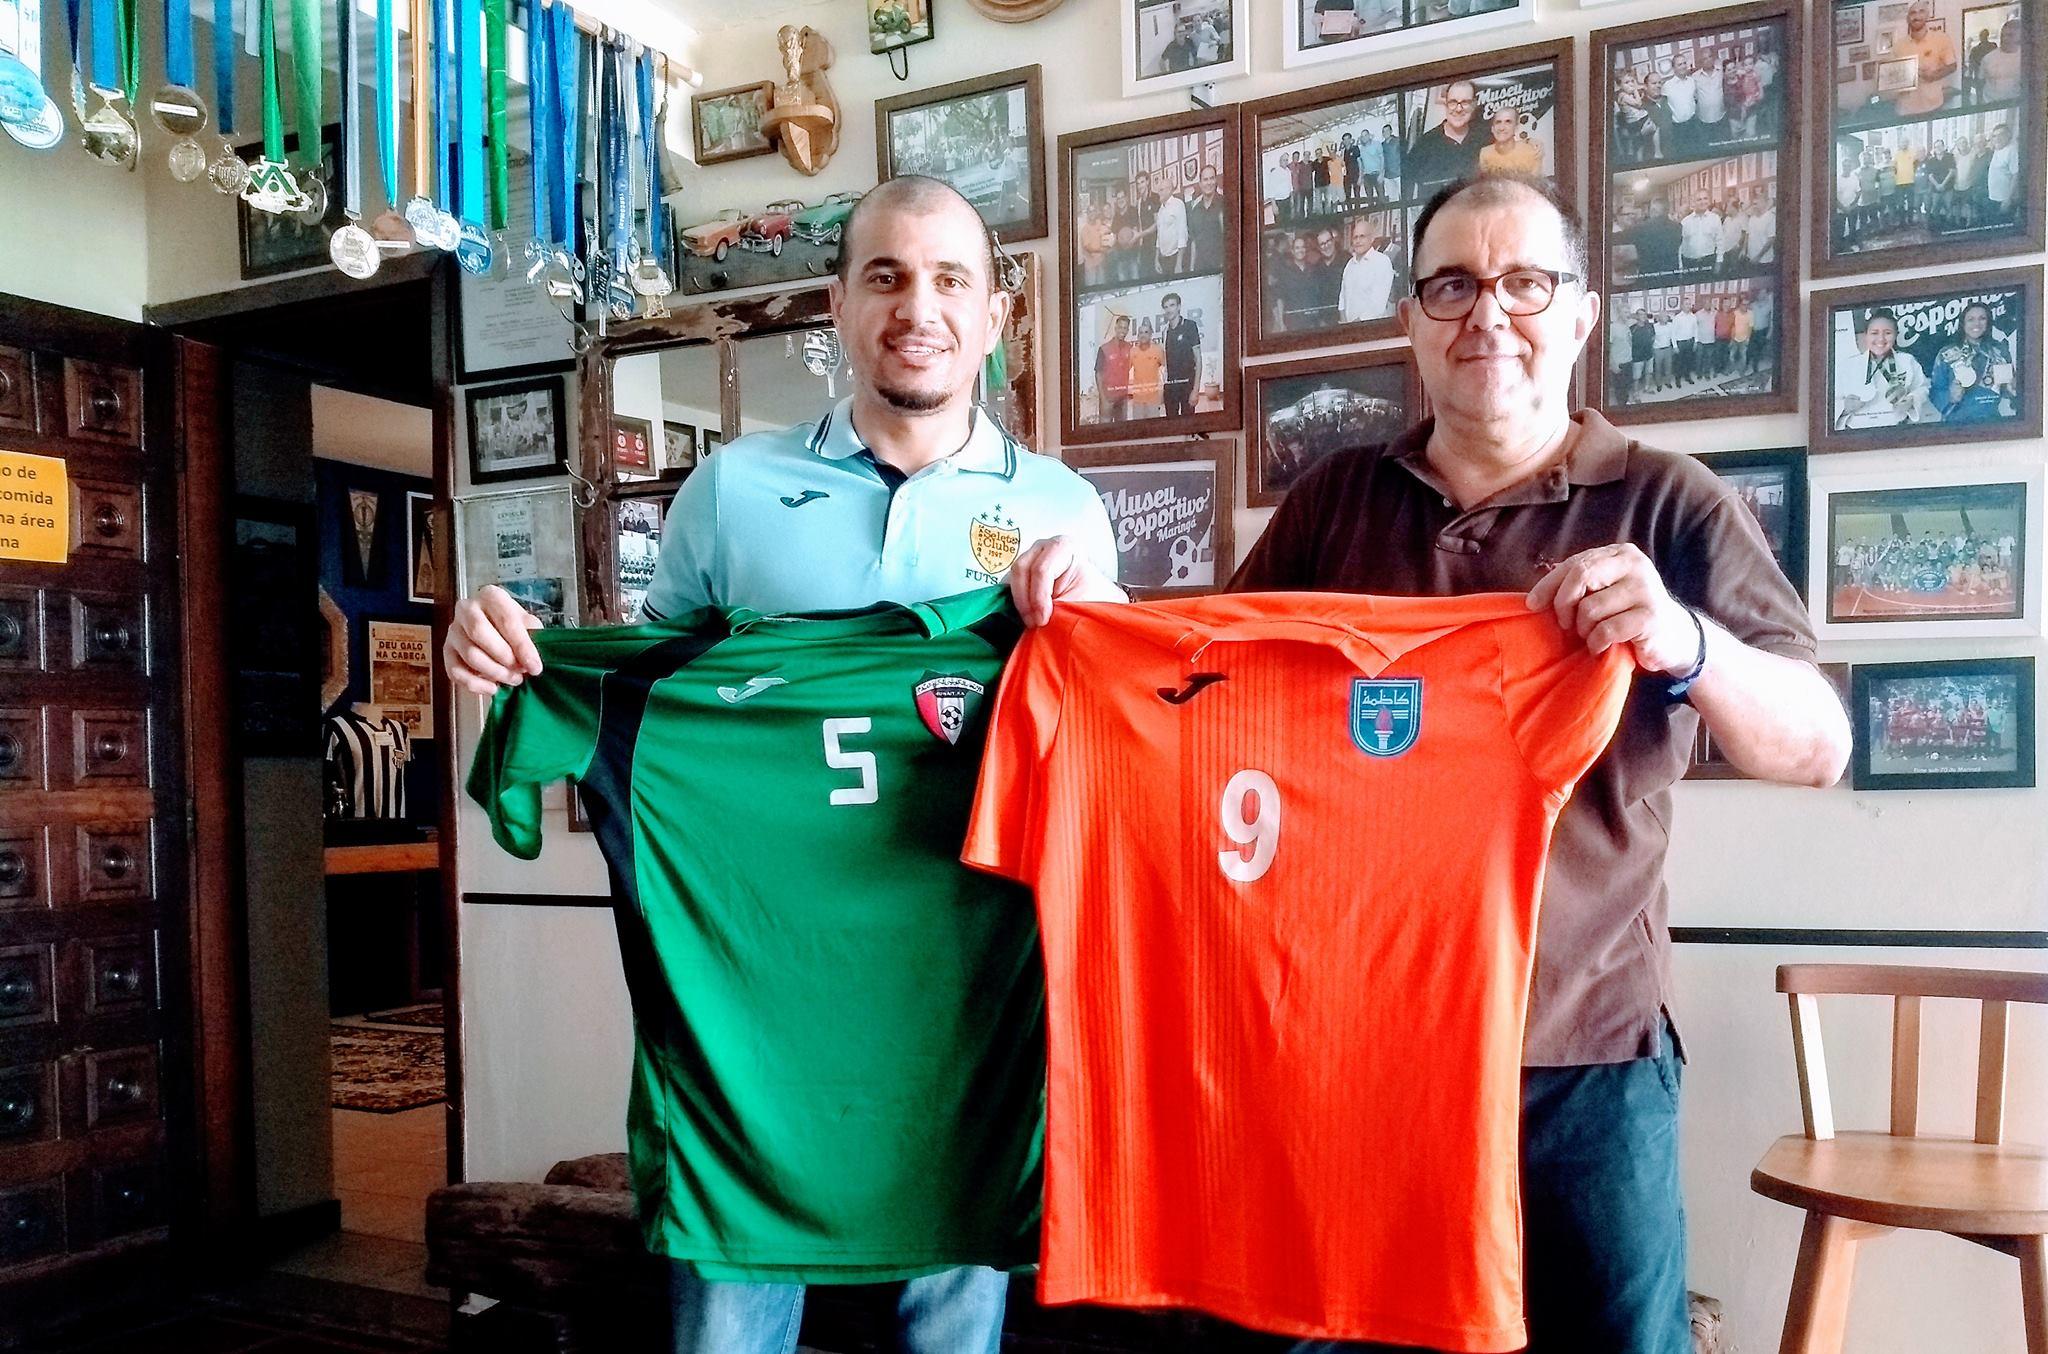 Vampeta do futsal, maringaense naturalizado italiano, doa camisas do Kuwait ao Museu Esportivo de Maringá